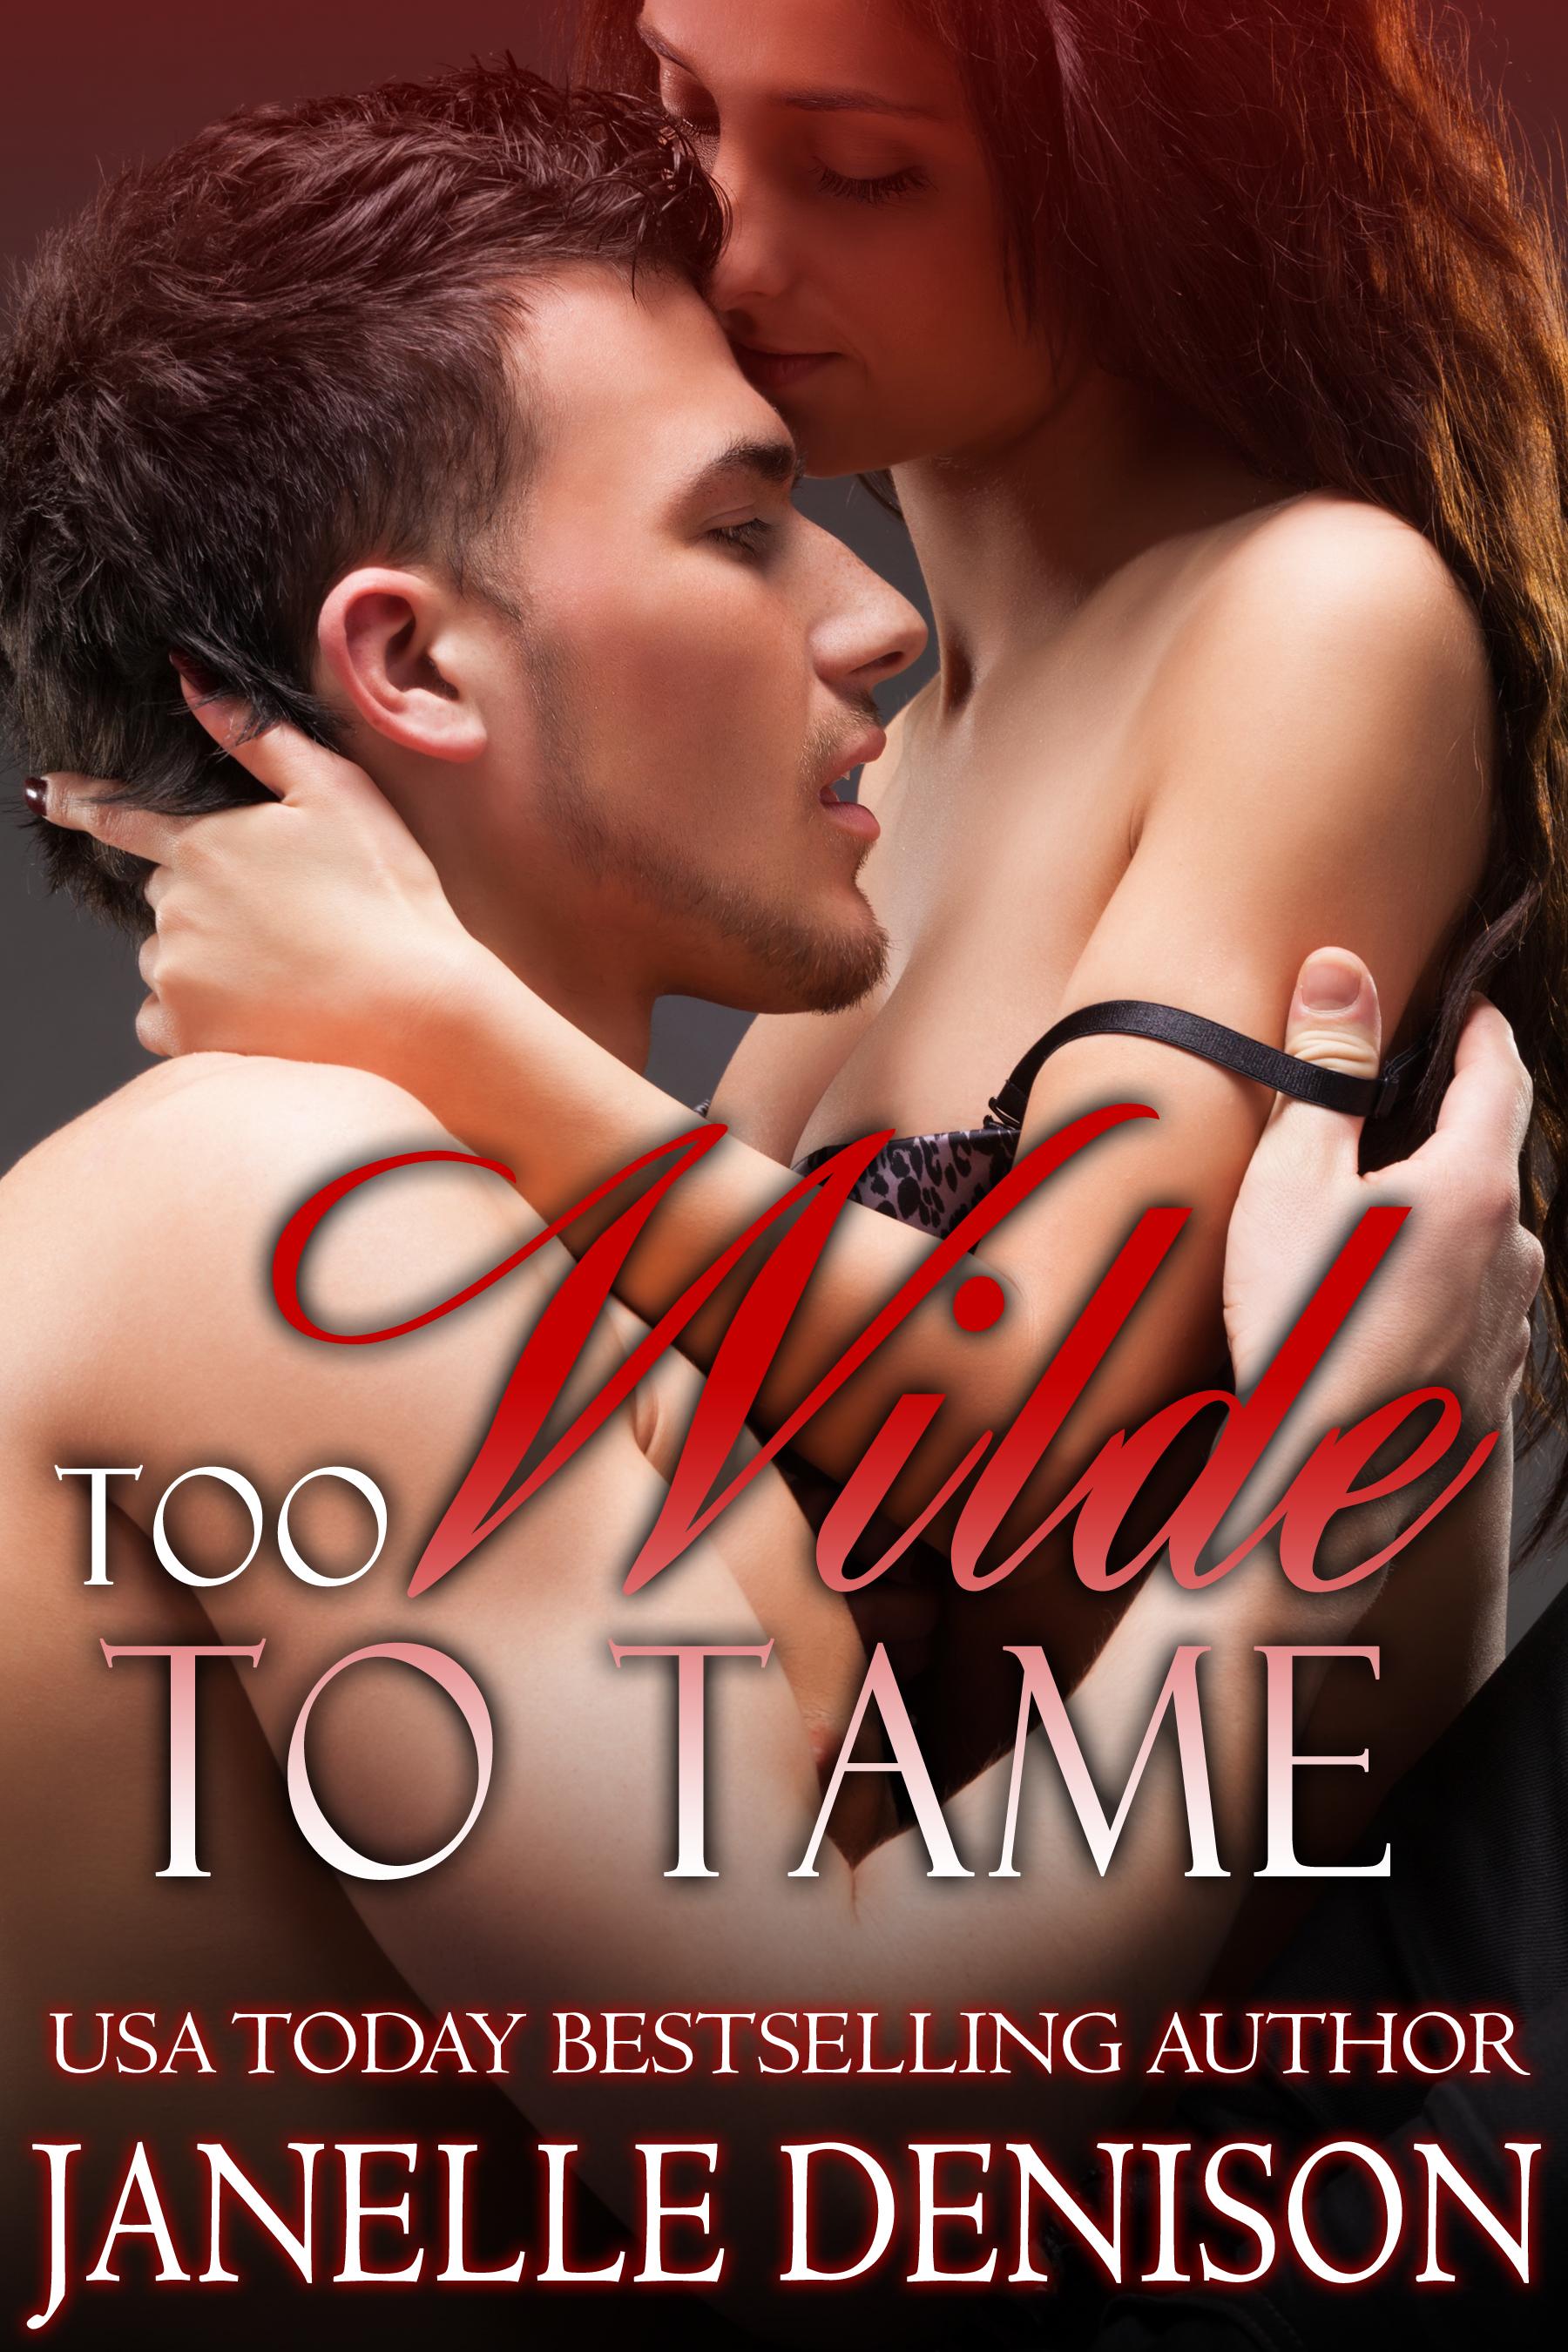 Erika Wilde - Too Wilde To Tame (Wilde Series)